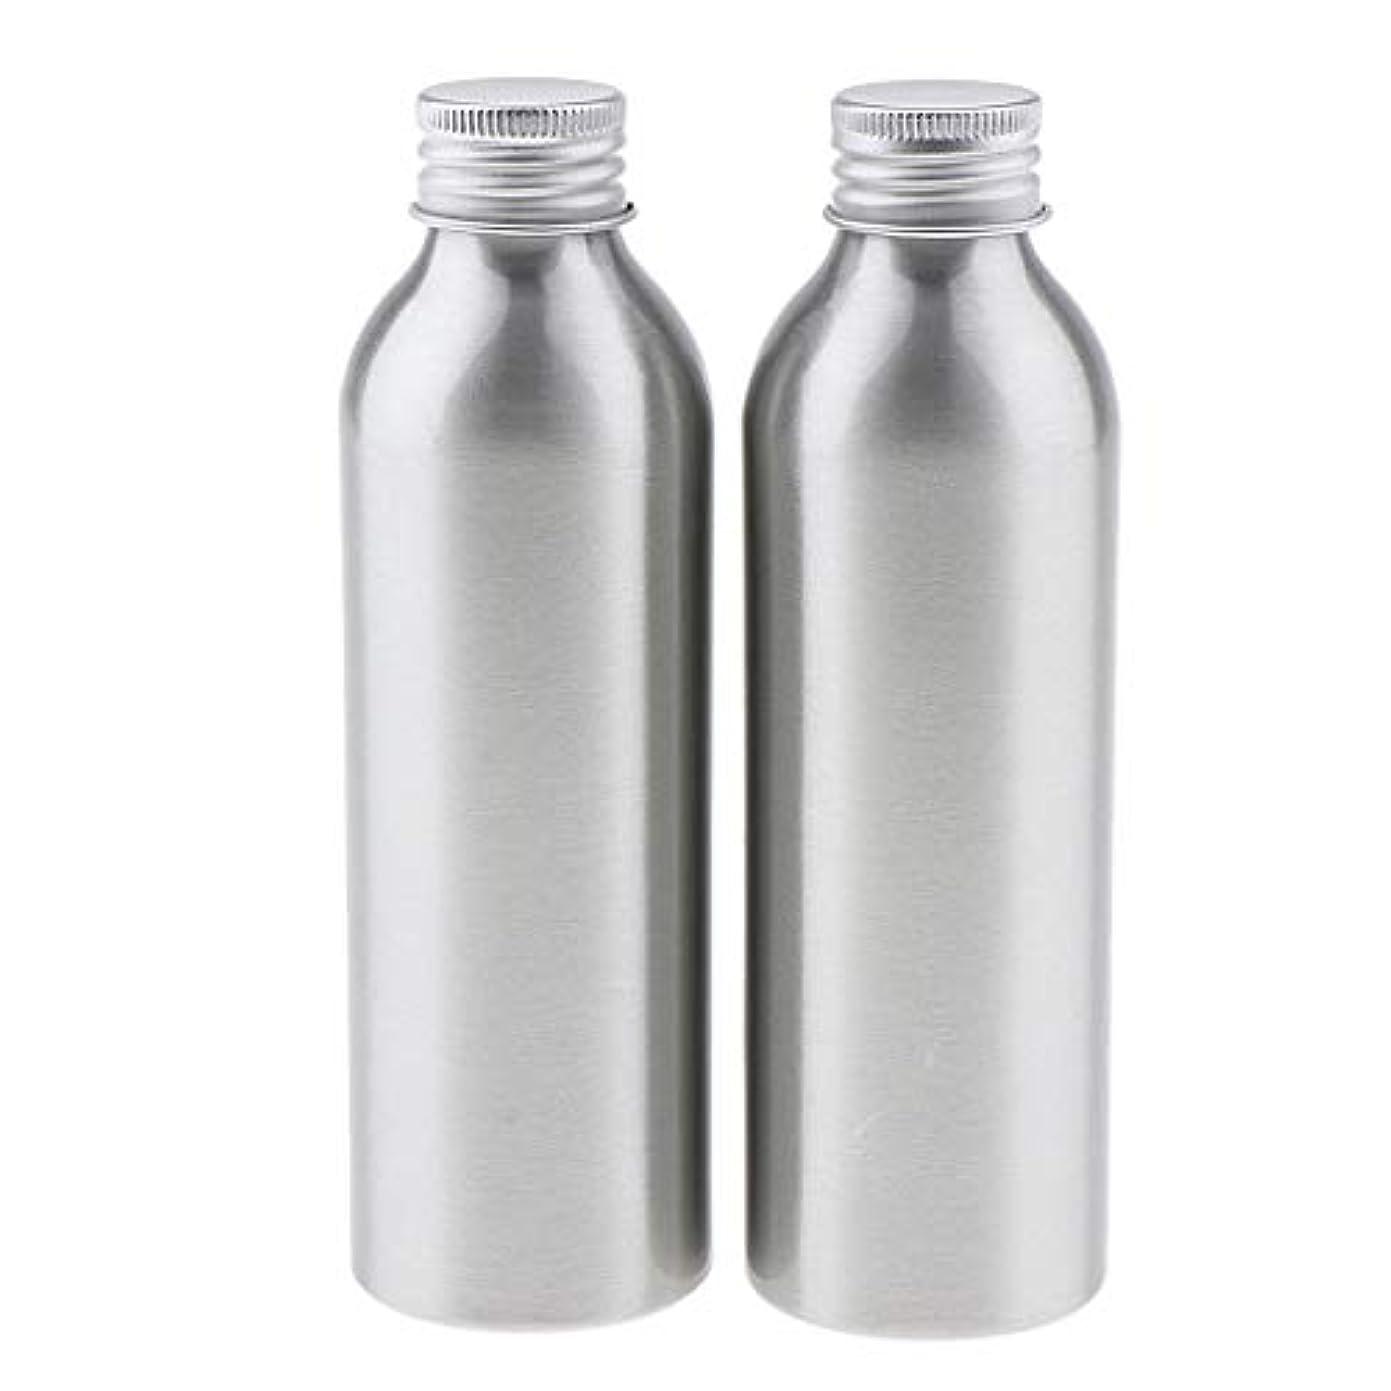 クレジット病自殺ディスペンサーボトル 空ボトル アルミボトル 化粧品ボトル 詰替え容器 広い口 防錆 全5サイズ - 150ml